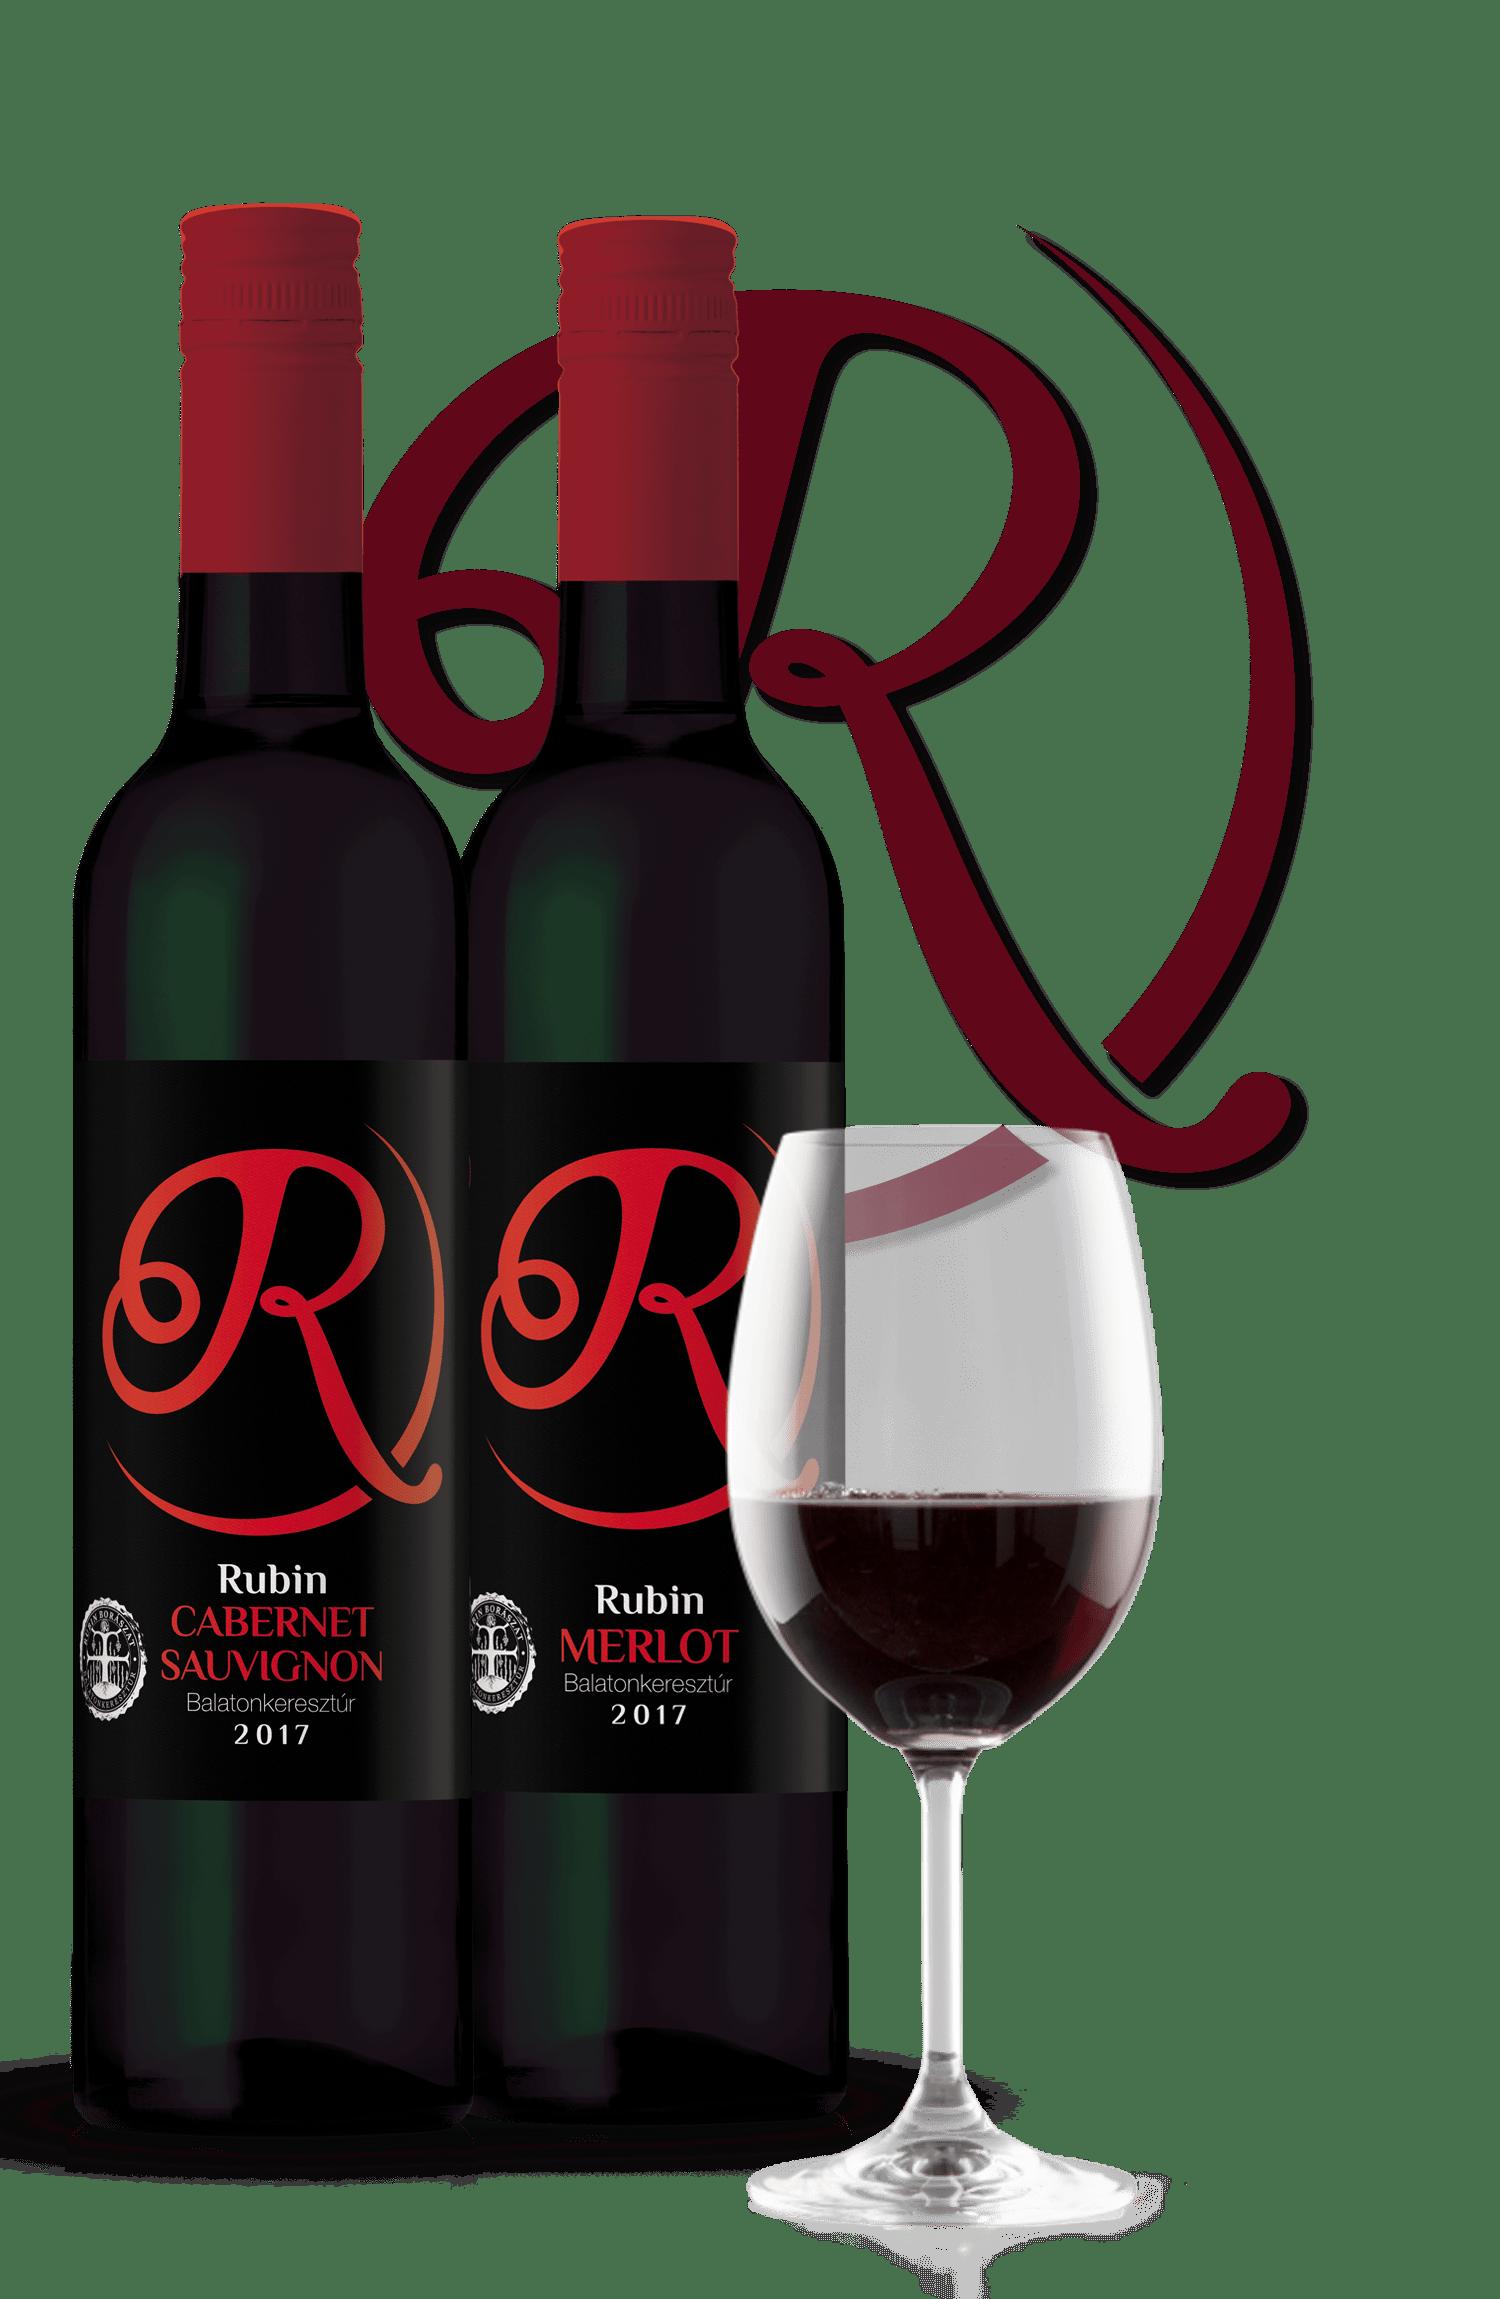 Rubin Pince - Cabernet Sauvignon - Merlot